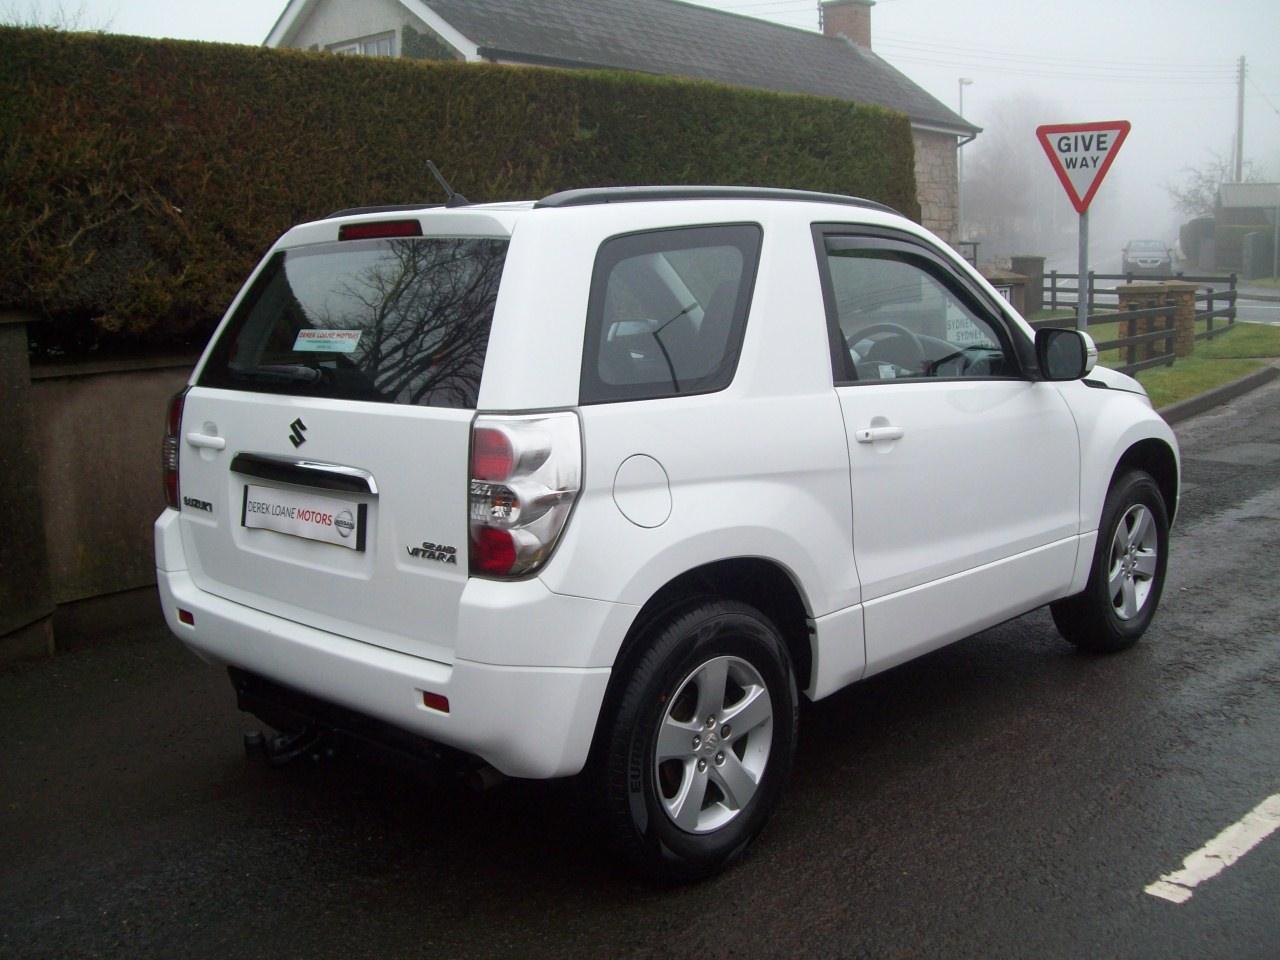 2013 Suzuki Grand Vitara  Manual – Derek Loane Motors full